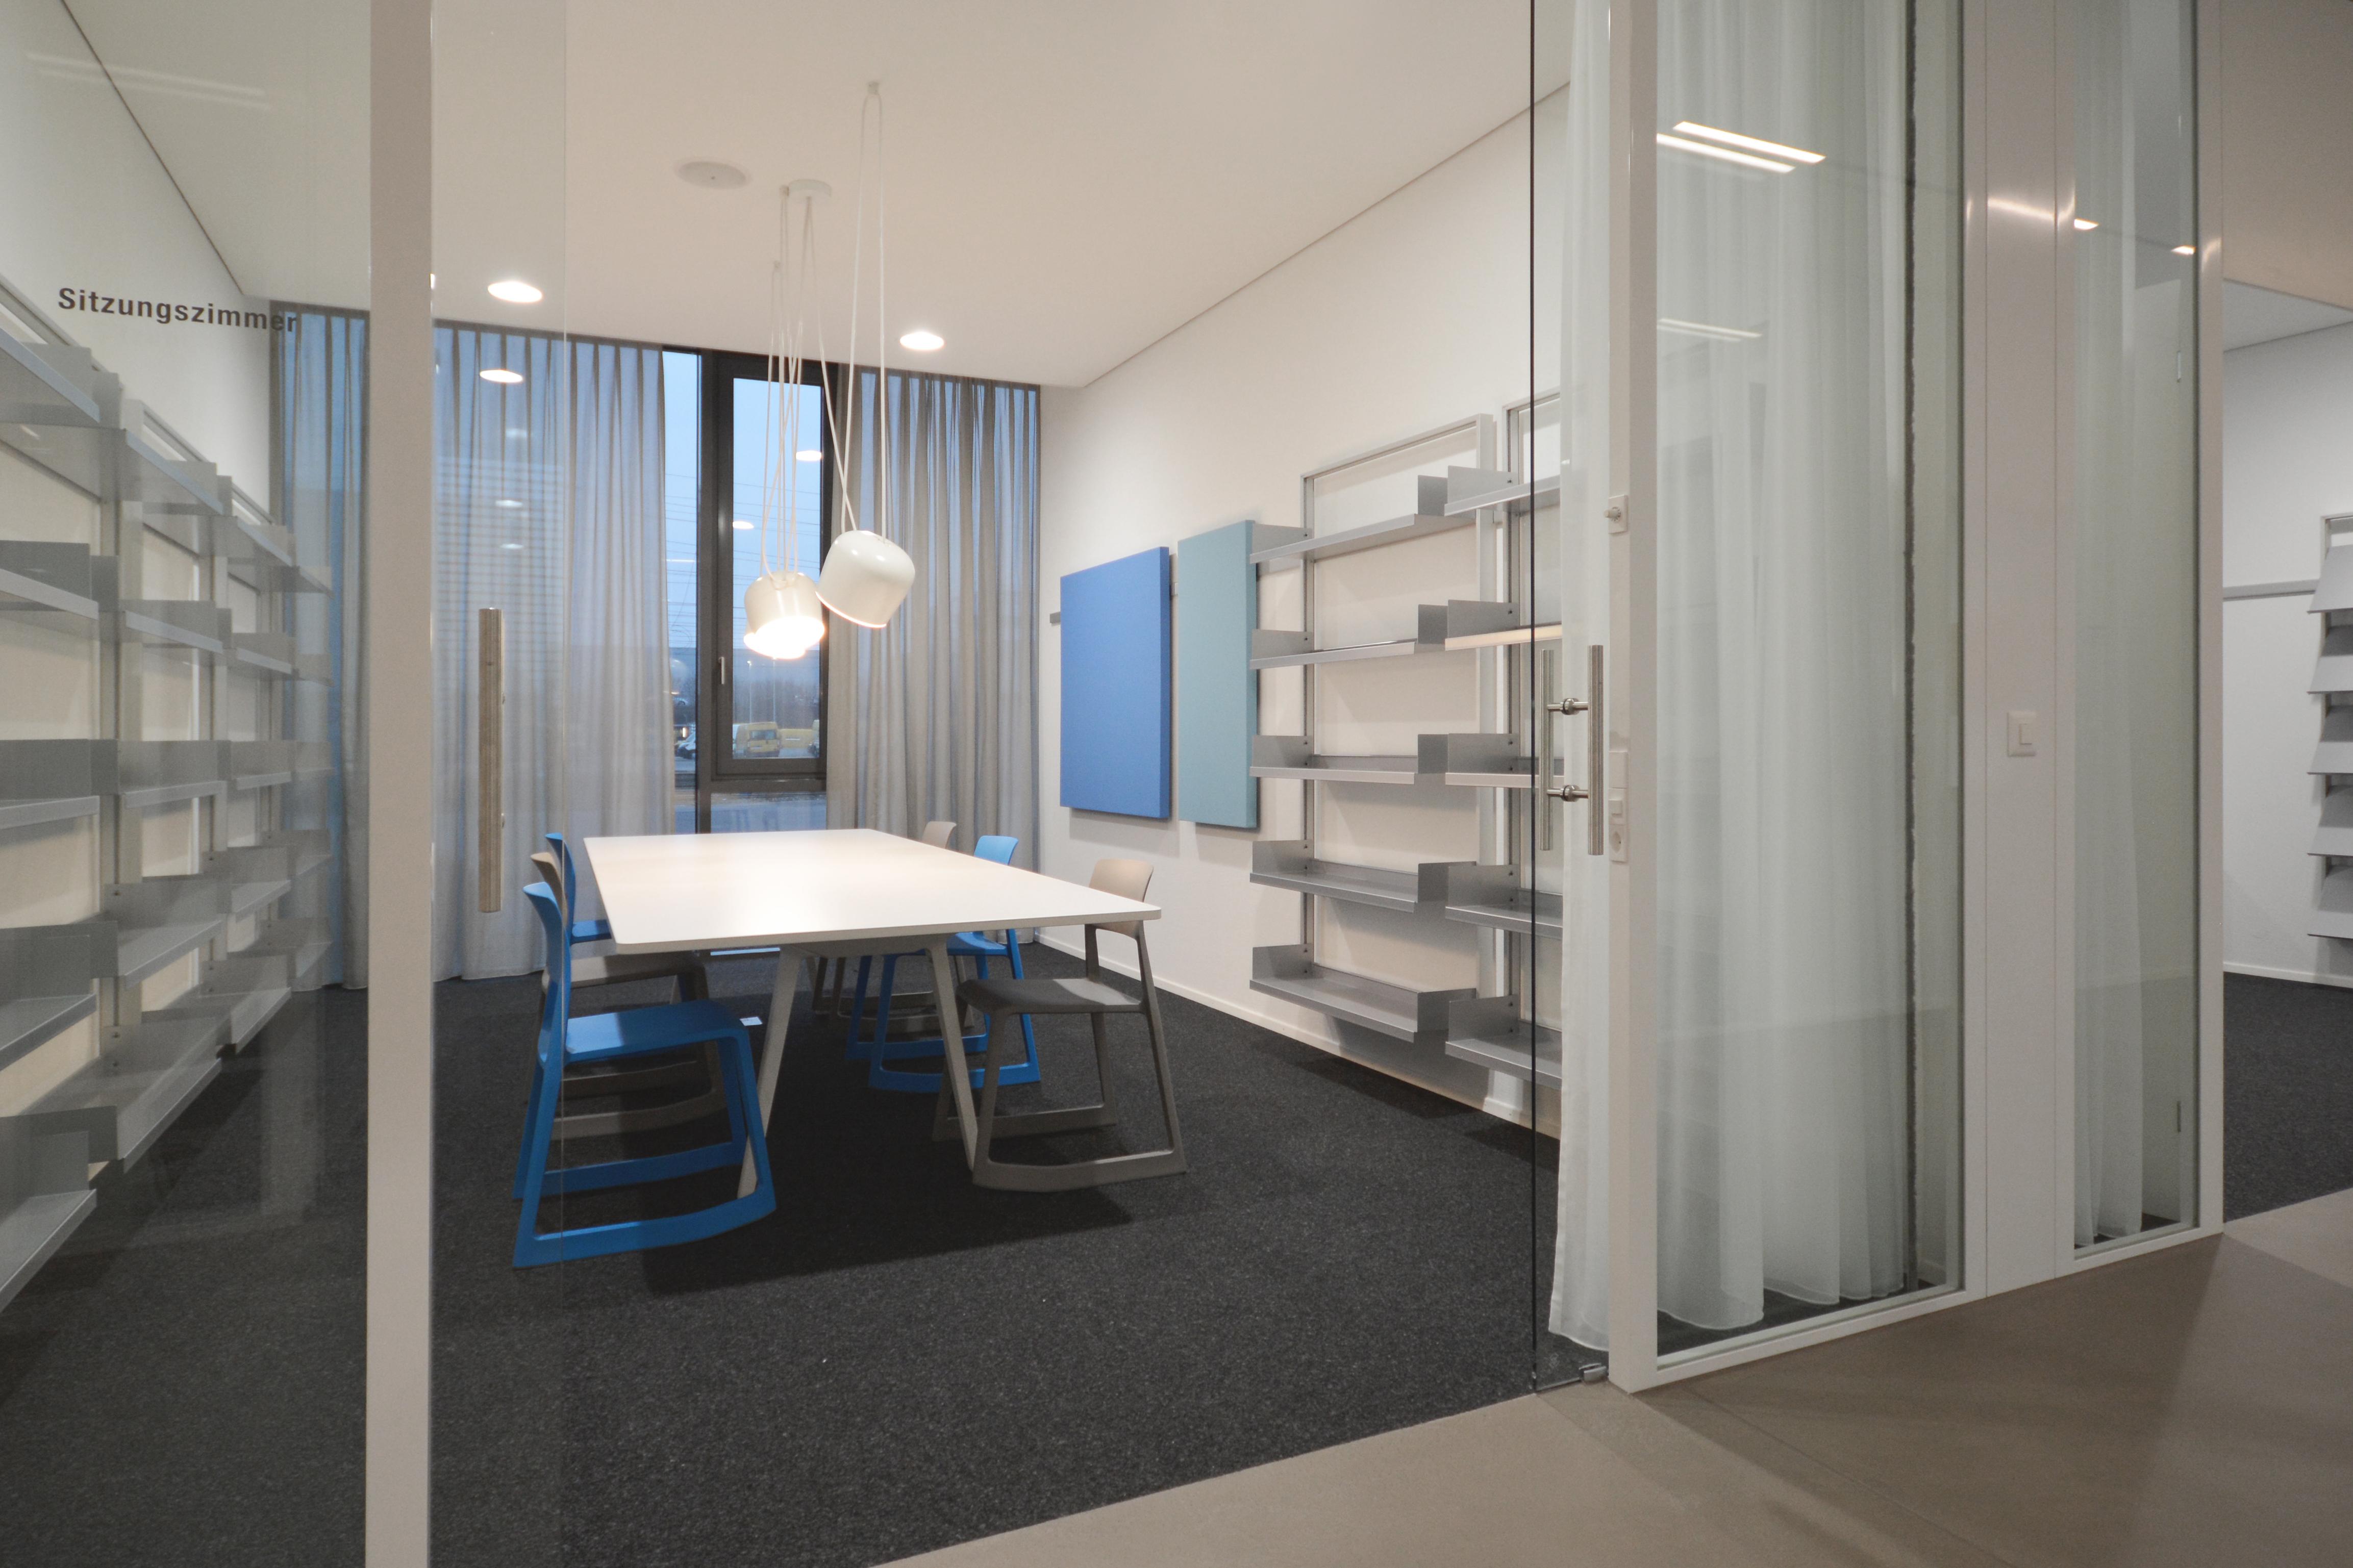 zusa, mägenwil - innenarchitektur leitgedanke projekte - bogen, Innenarchitektur ideen